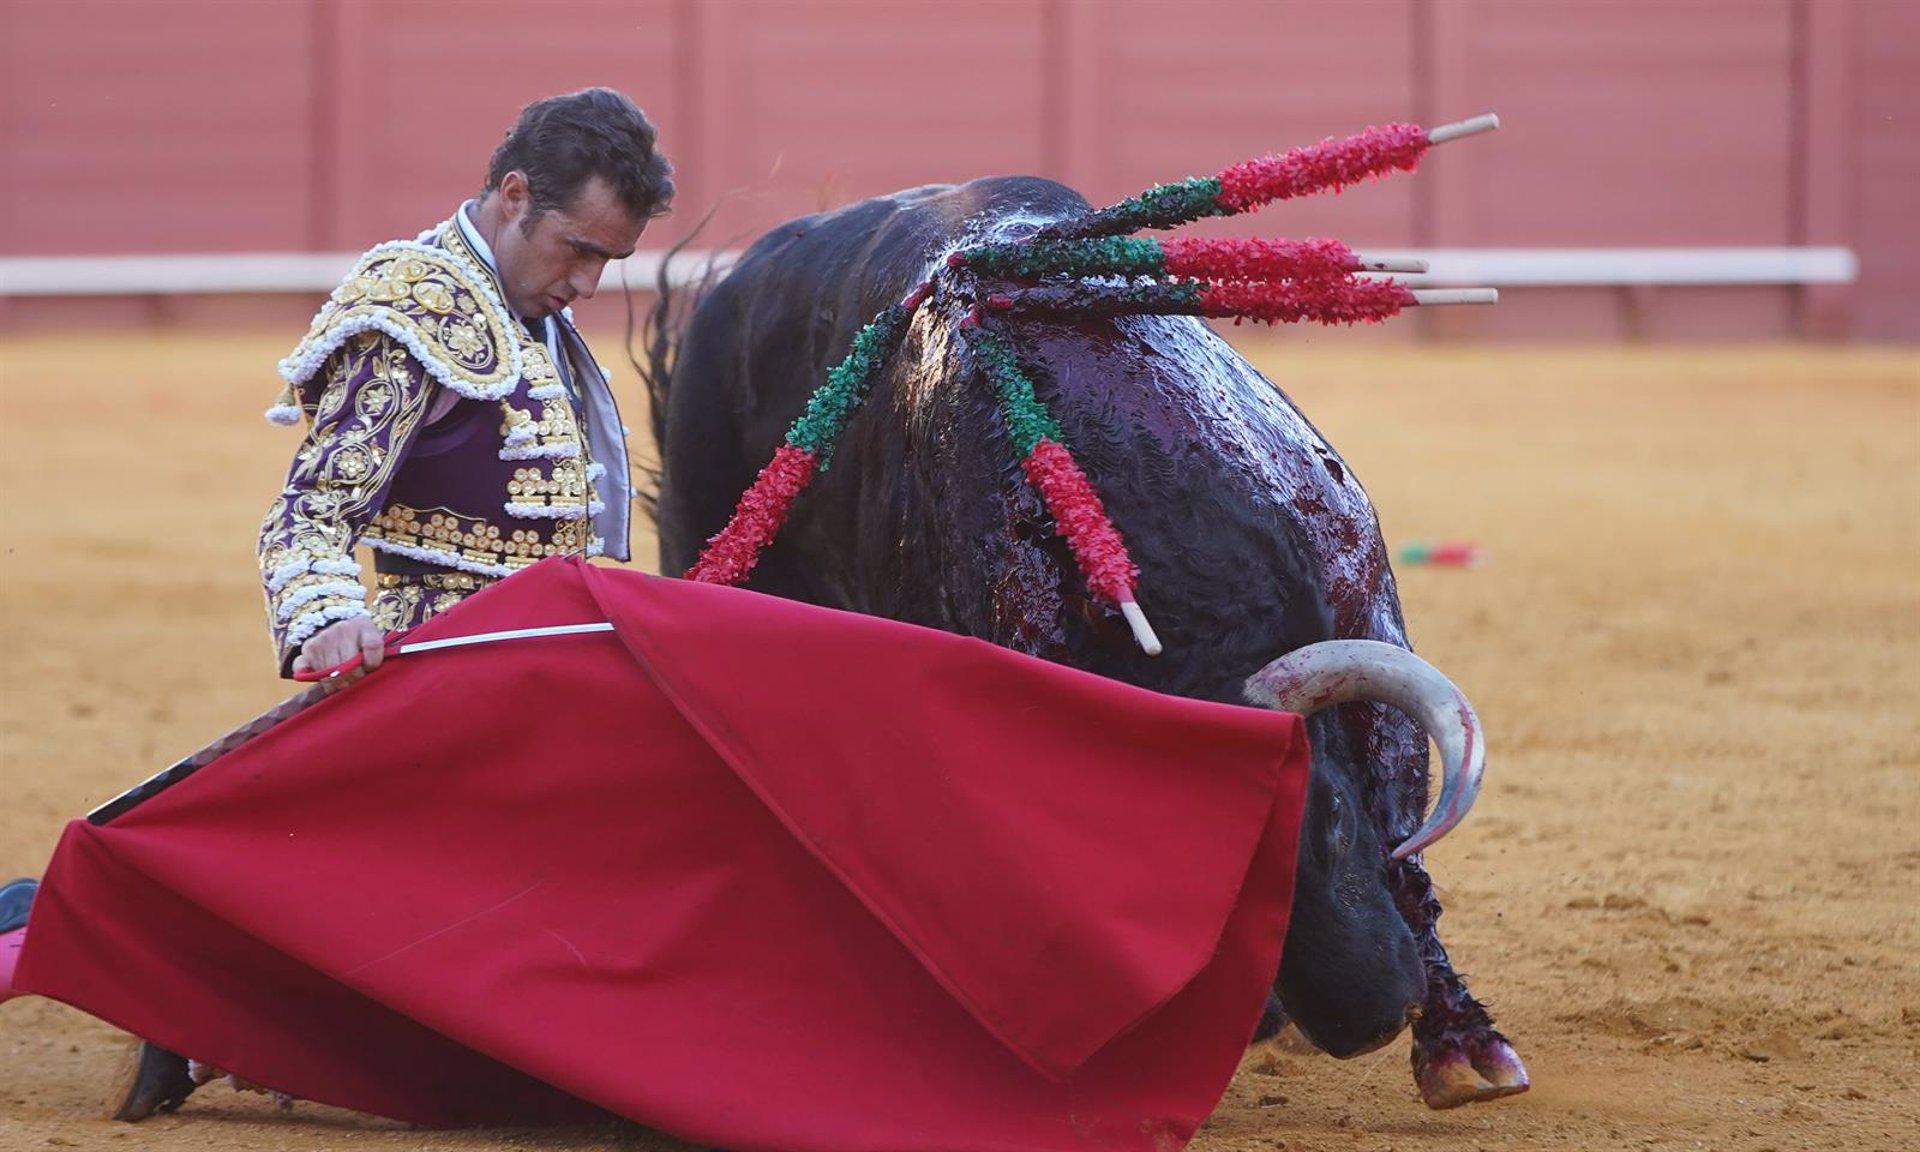 La Plaza de Toros de Baza anuncia corrida de El Fandi, Manzanares y Ureña para el 12 de septiembre